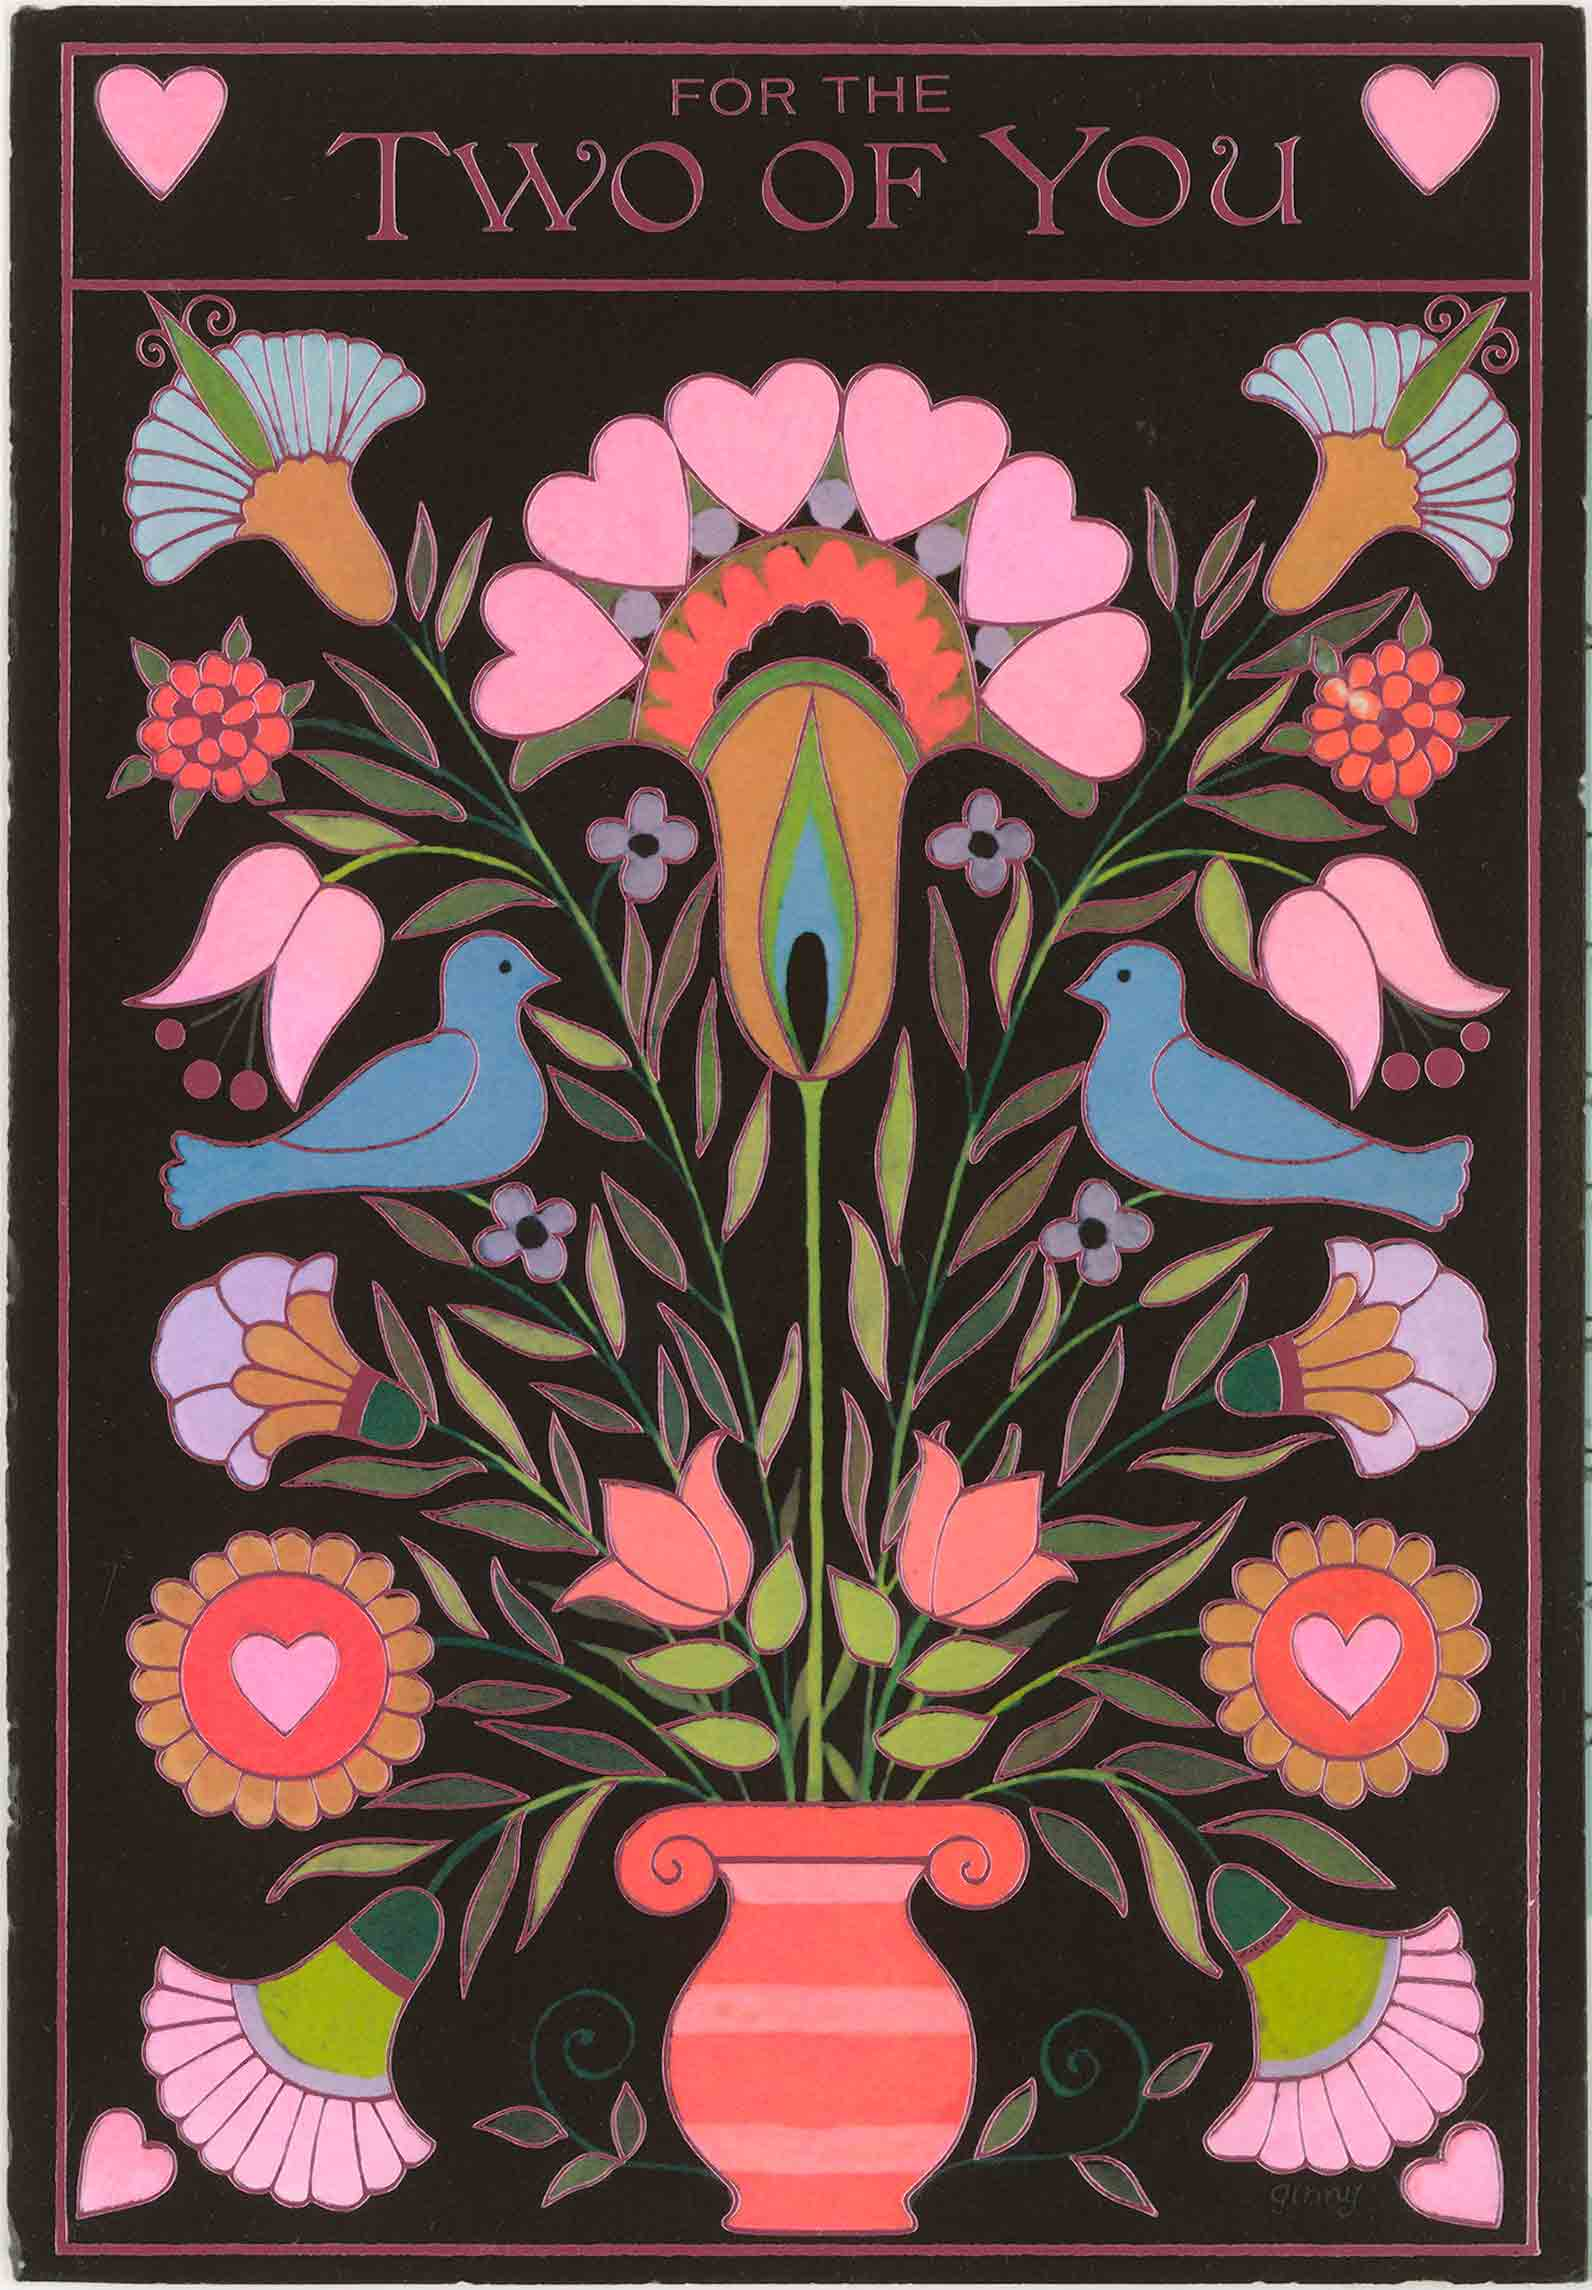 1979 Valentine's Day Card